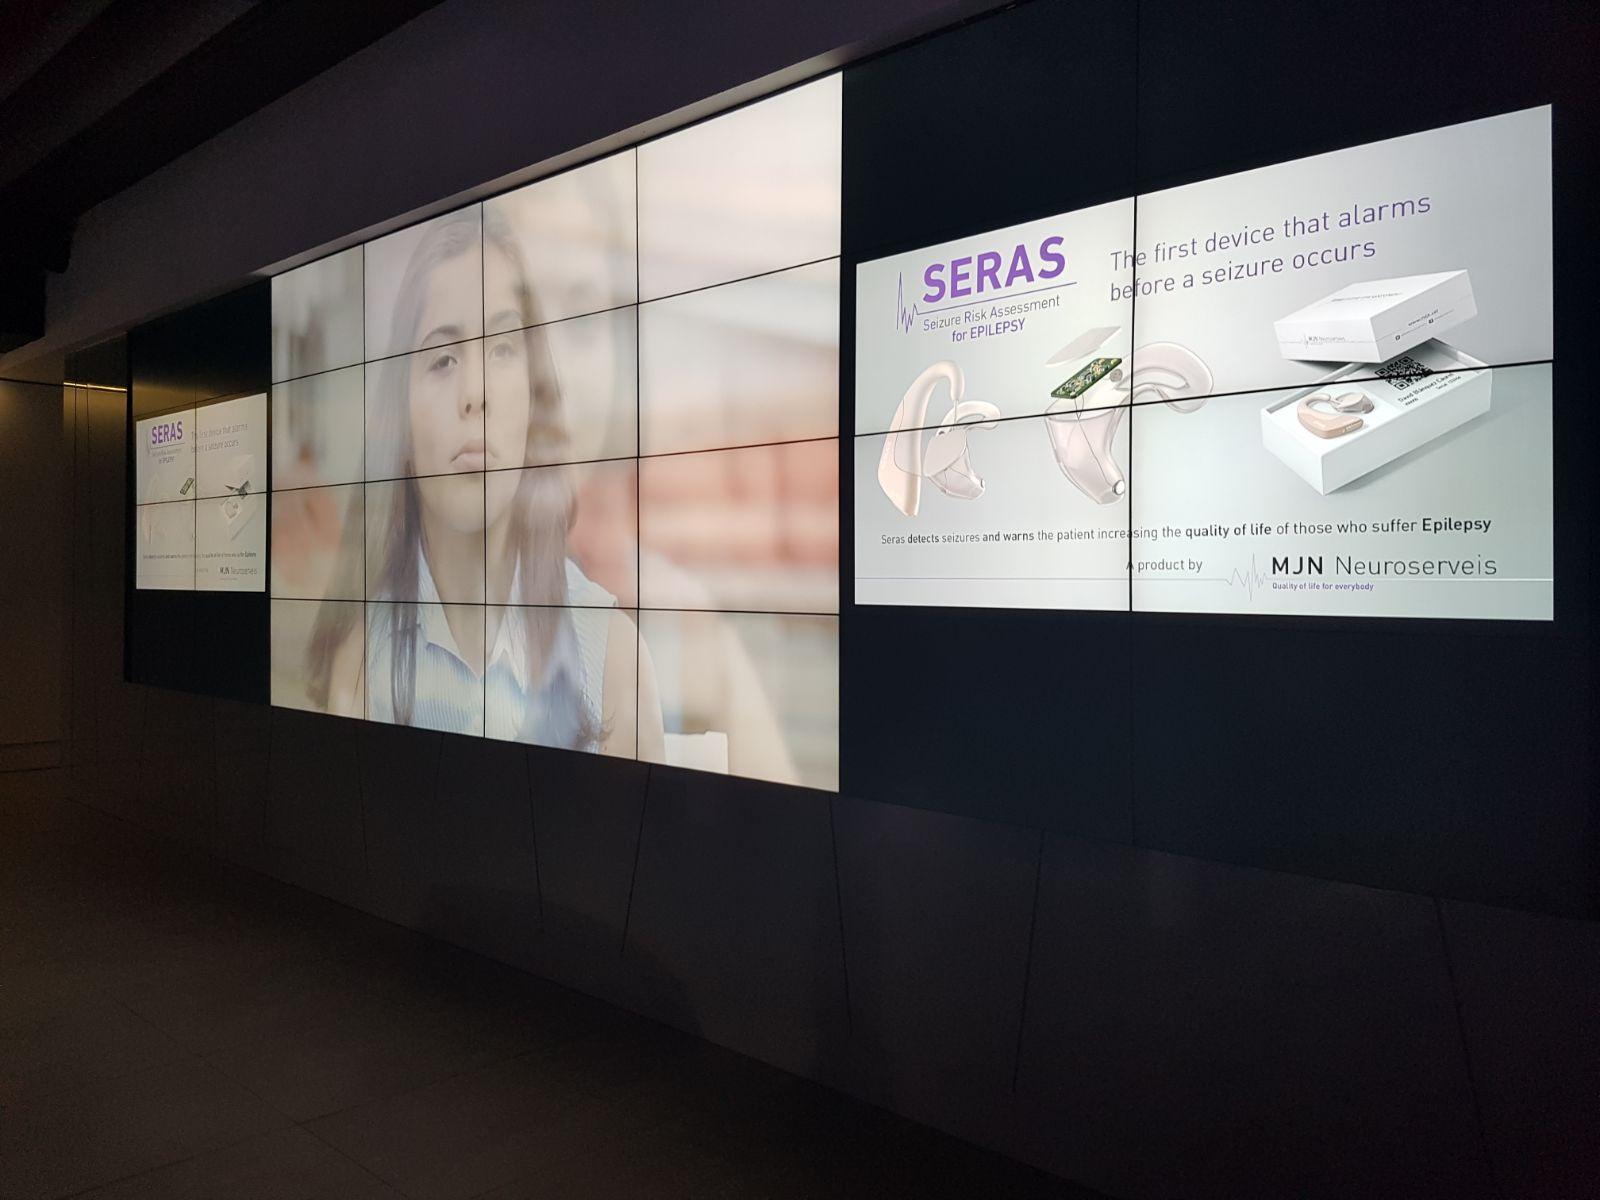 Un revolucionario dispositivo que alerta de las crisis epilépticas despierta gran interés en el sector médico